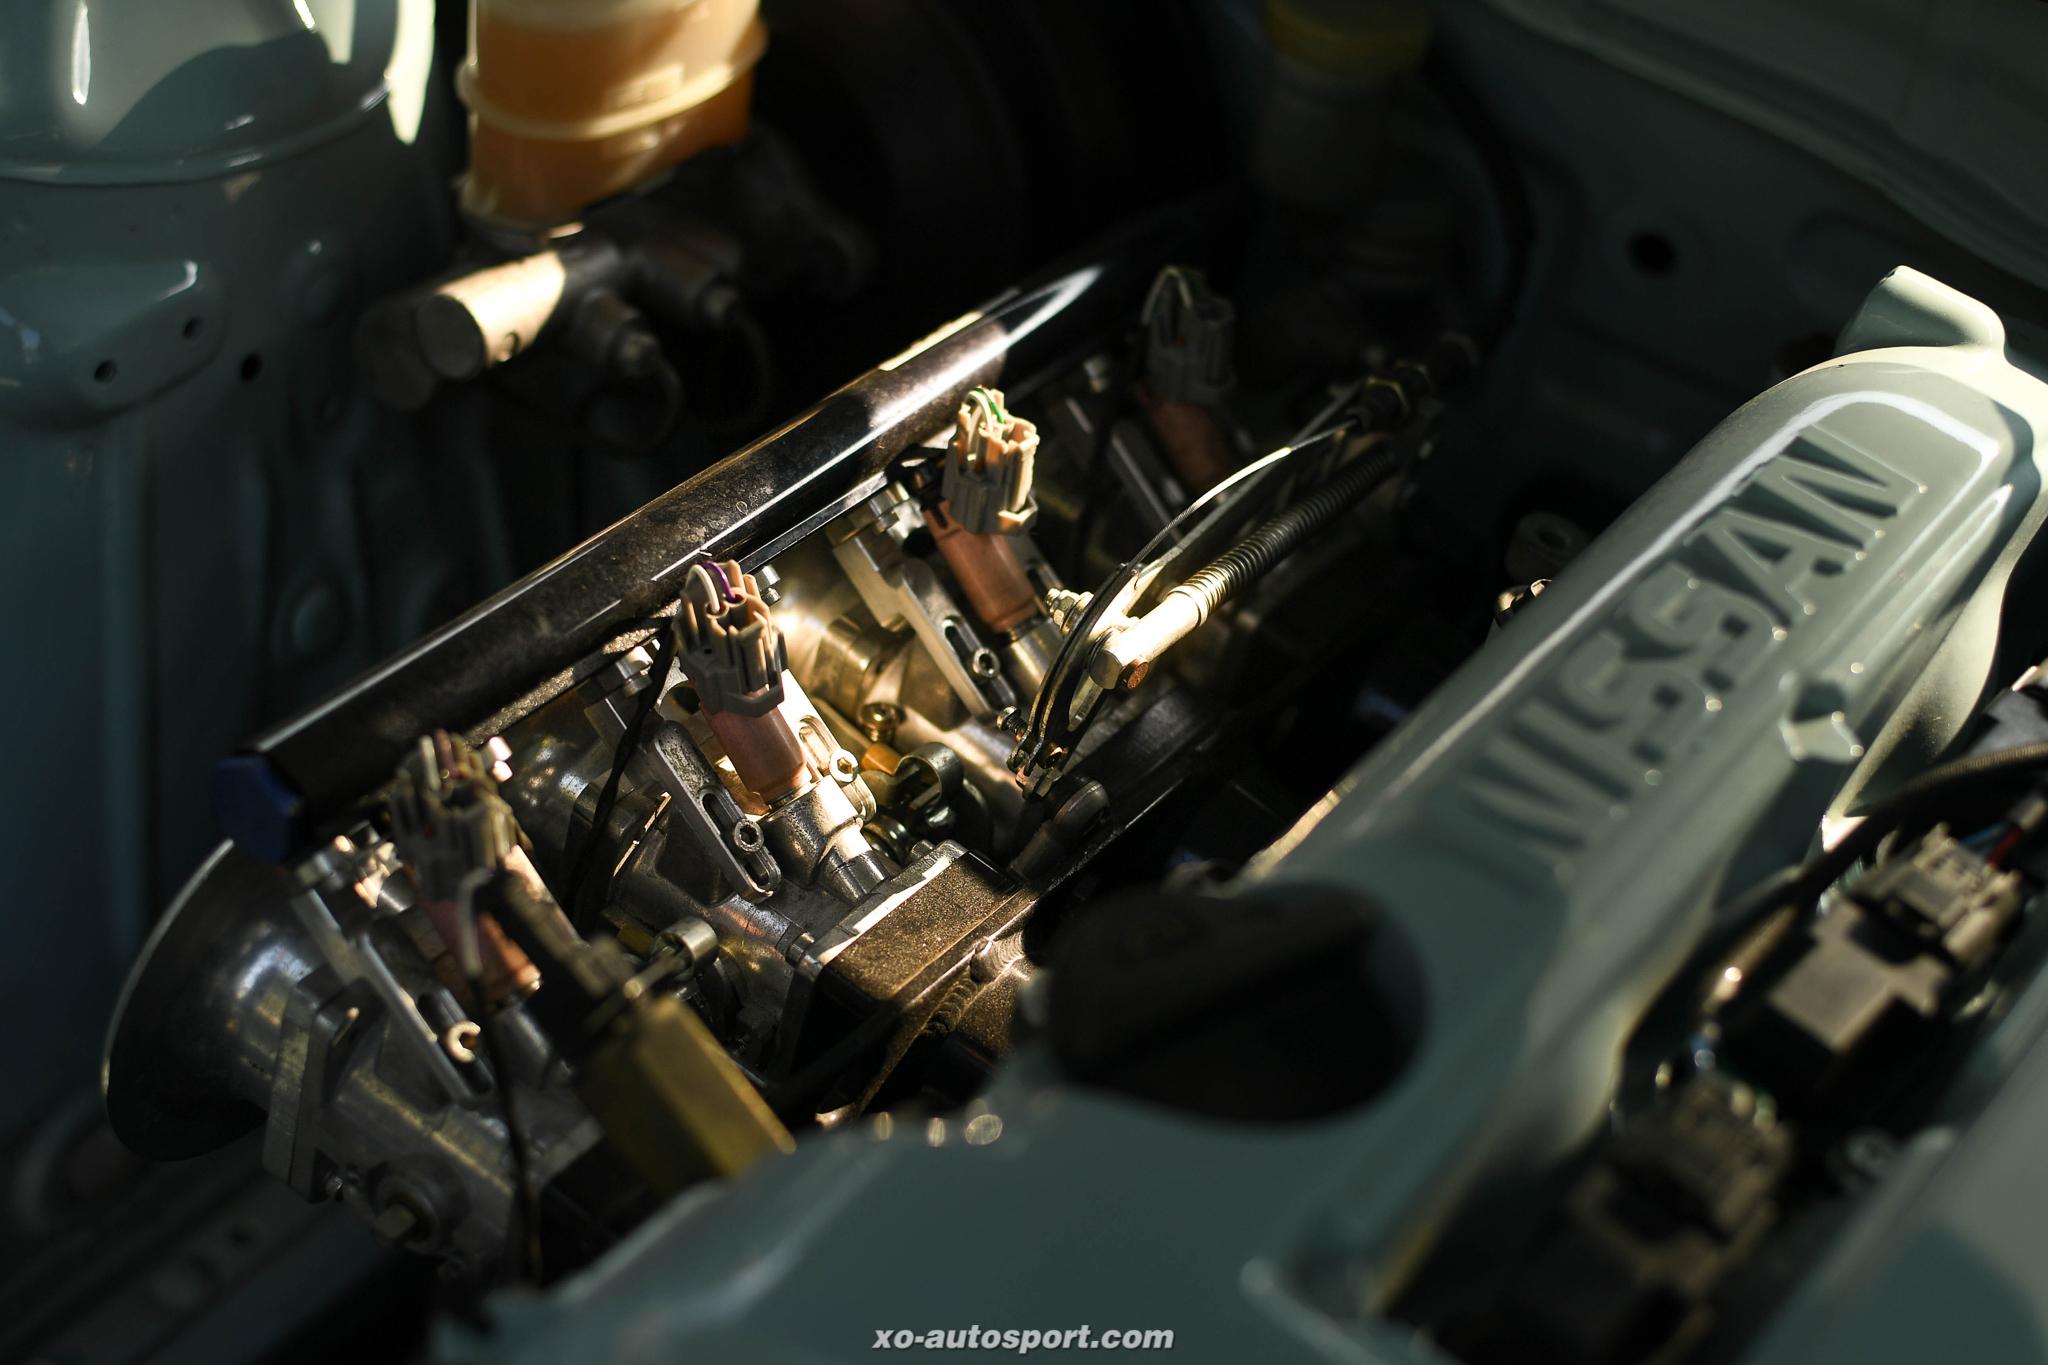 S14 Adrenaline 9